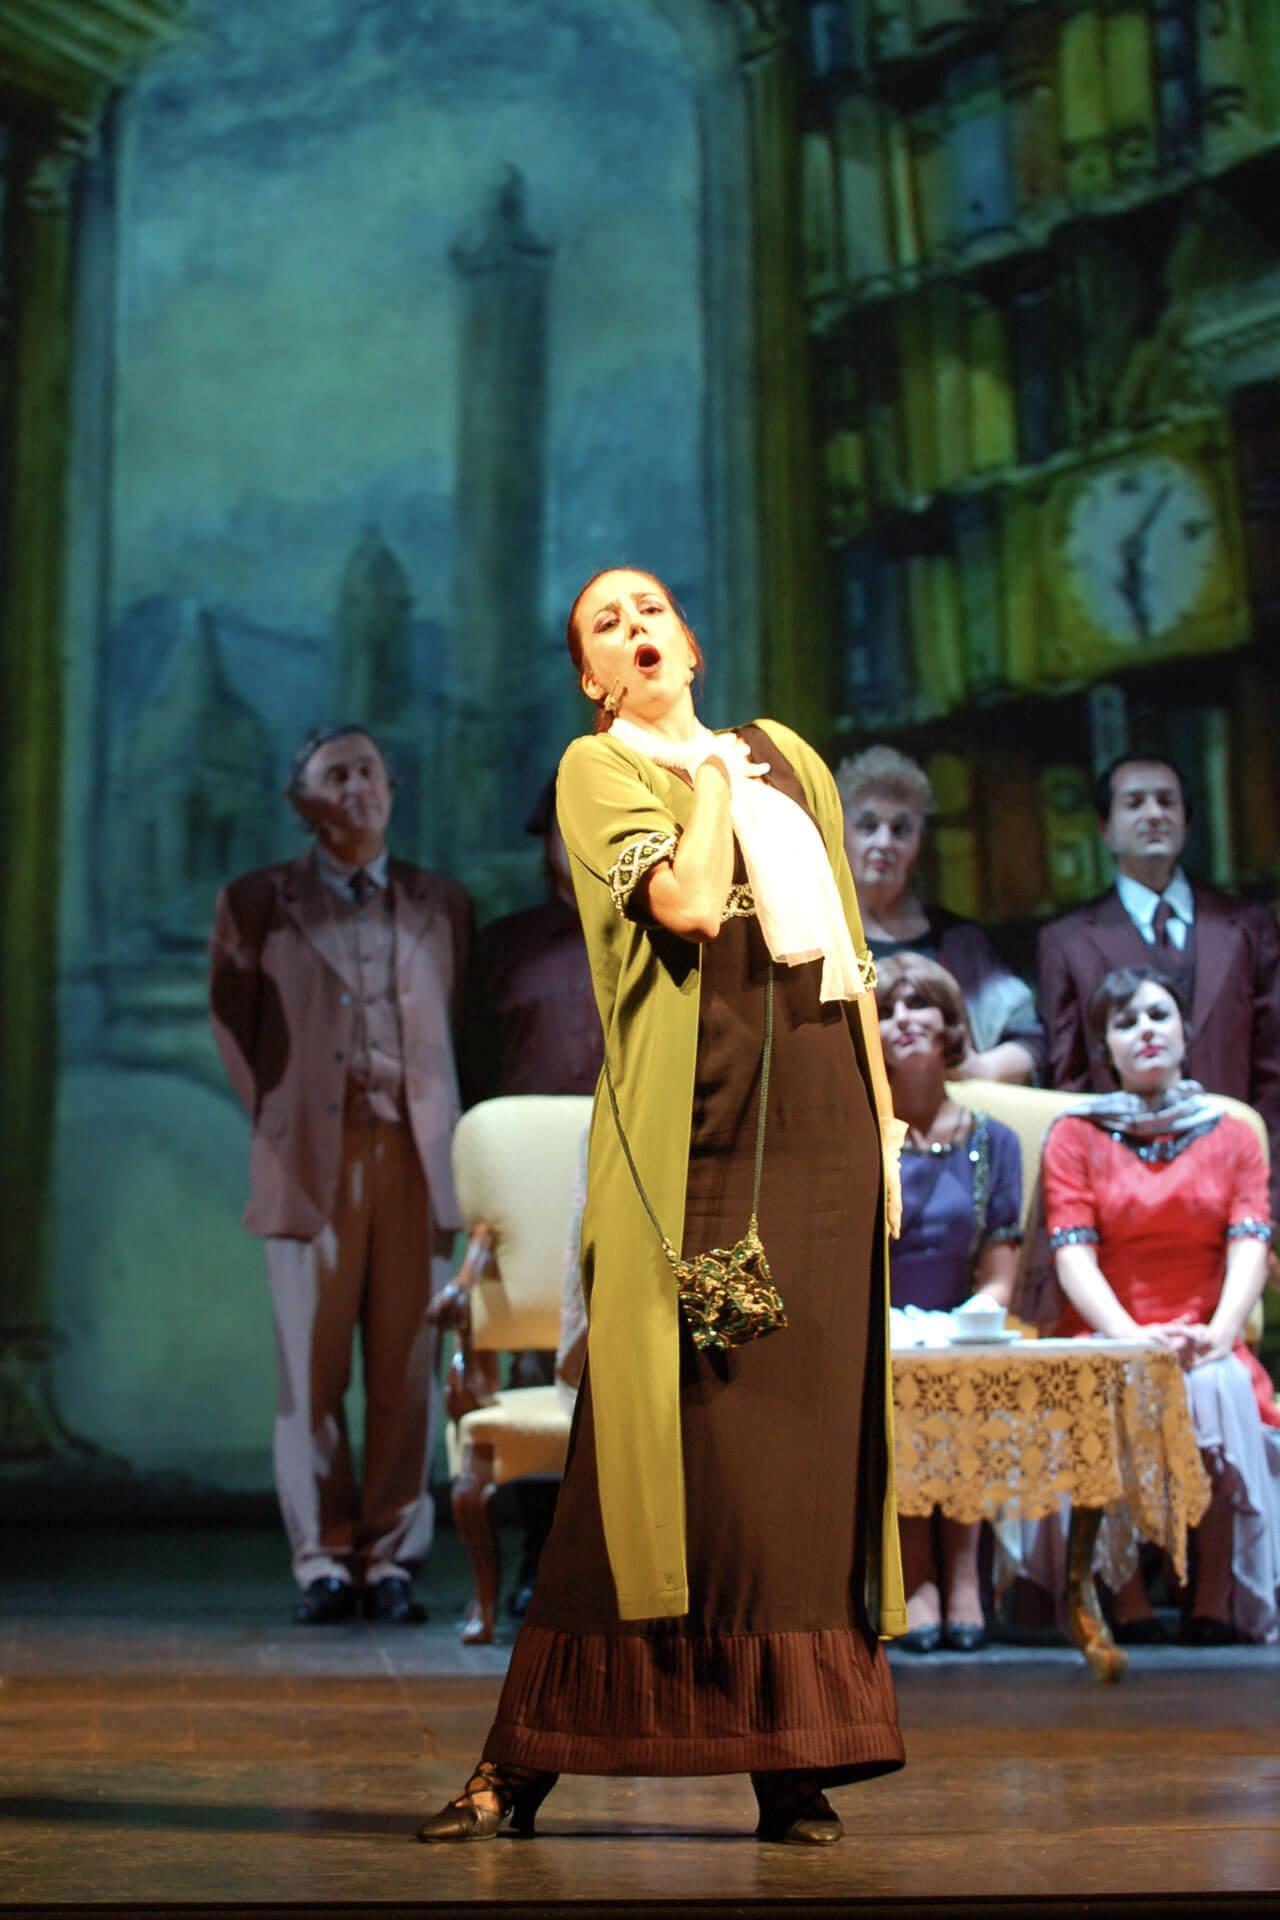 gruppo-teatro-colli-il-successo-2006-5